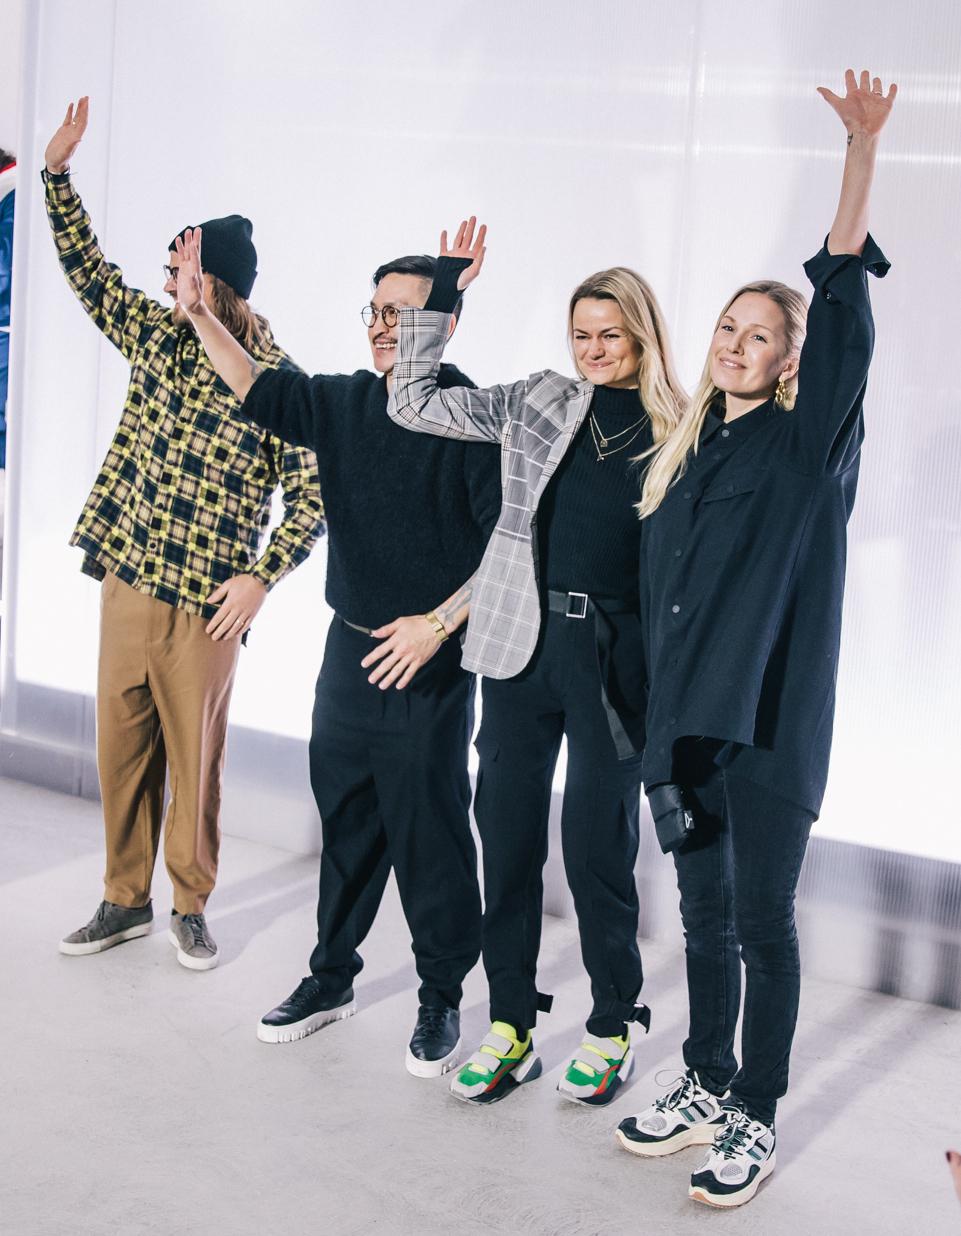 Holzweiler-teamet etter visningen i København i januar 2019. Foto: Holzweiler